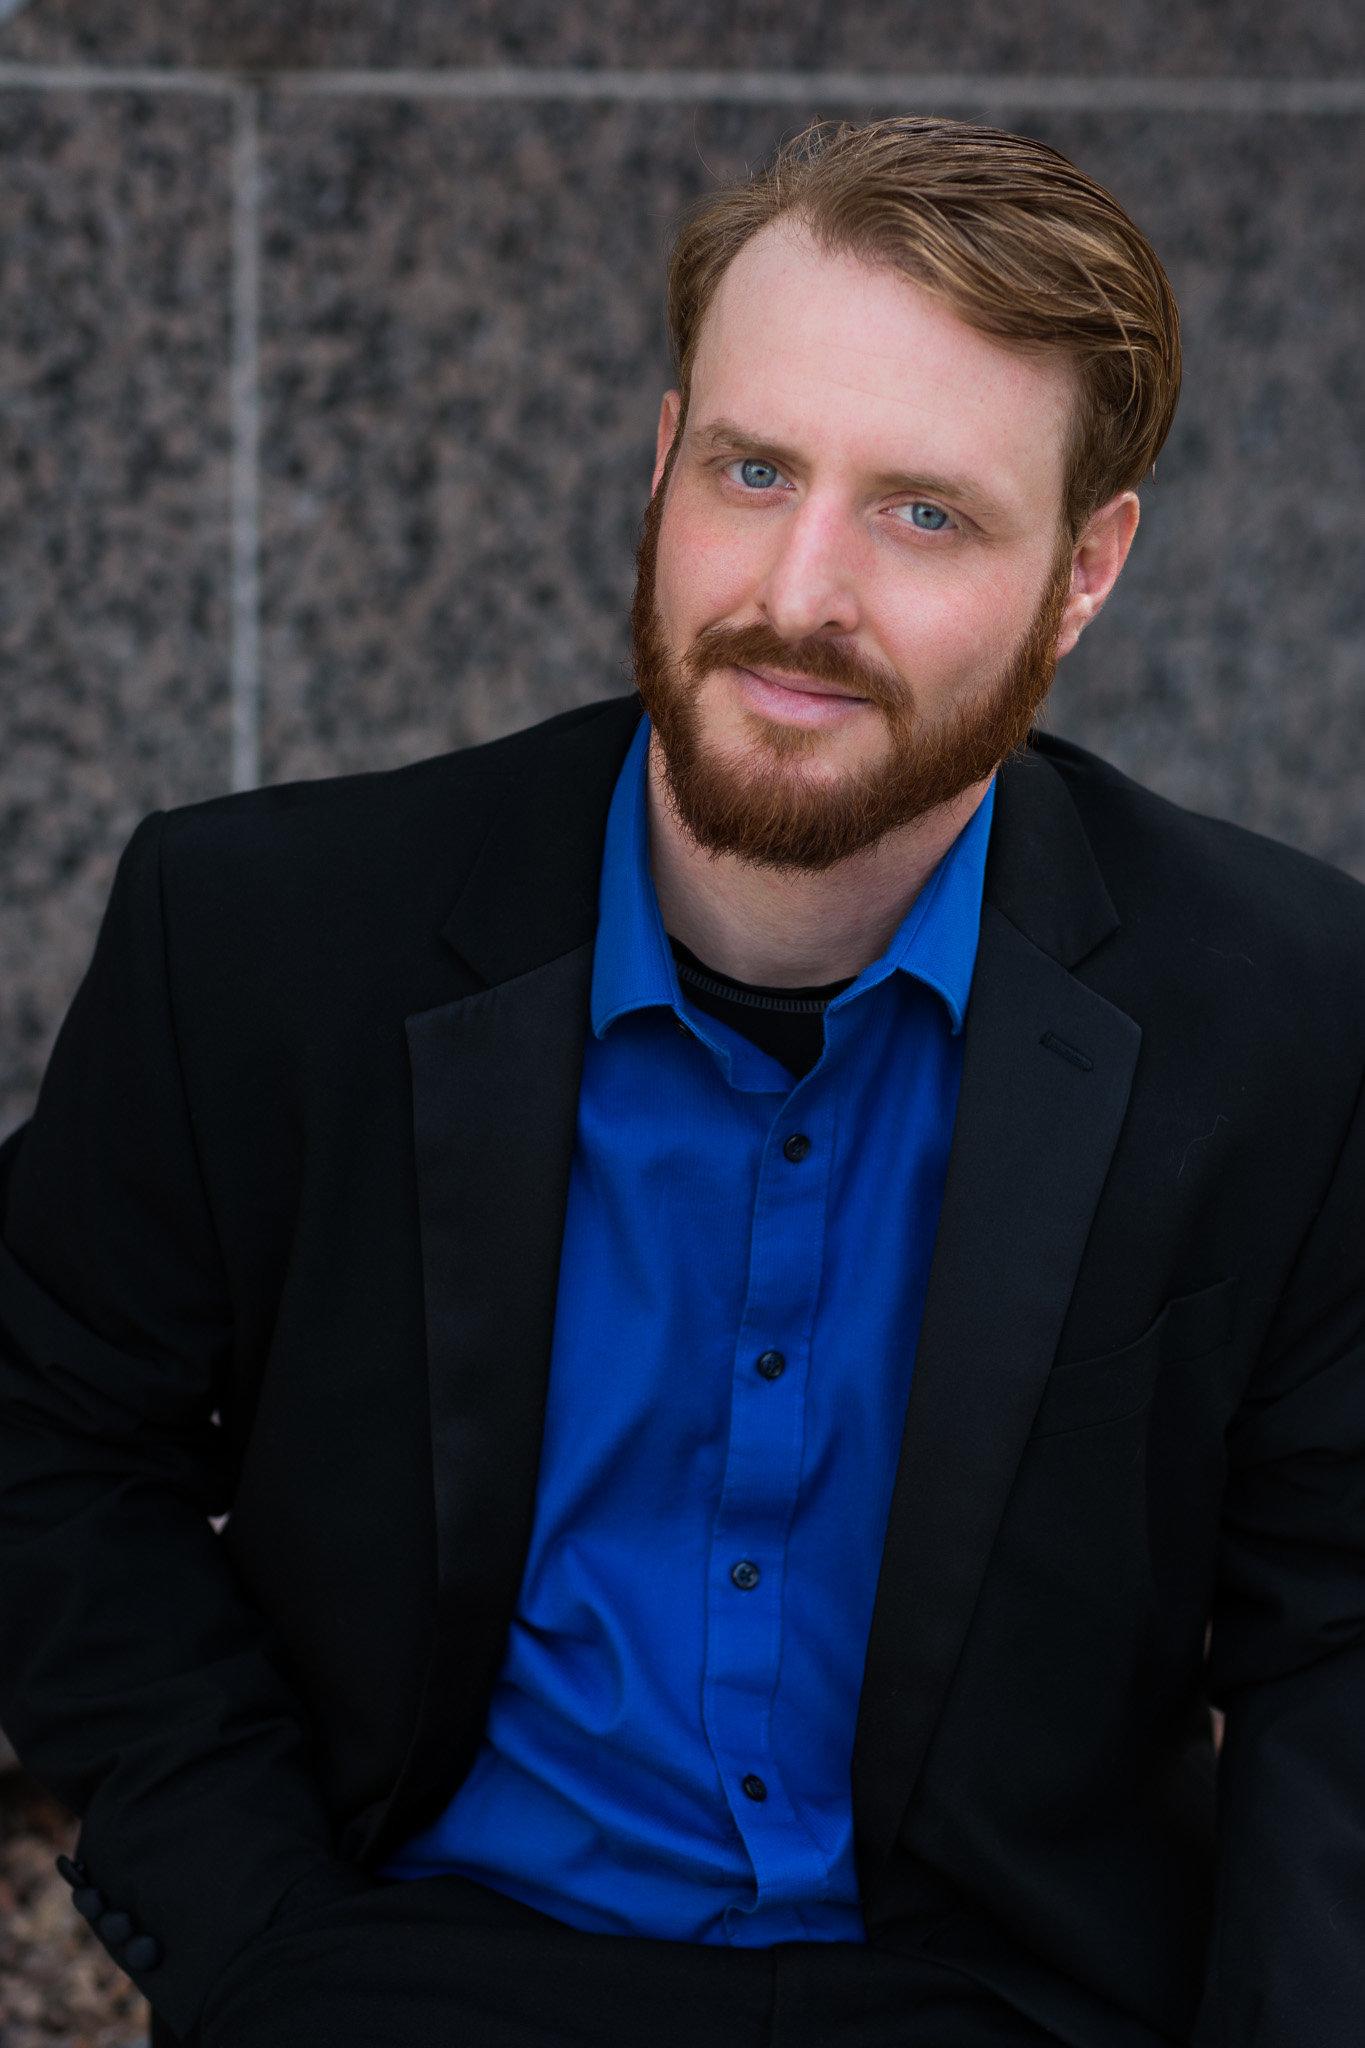 Chris C. | Model + Actor